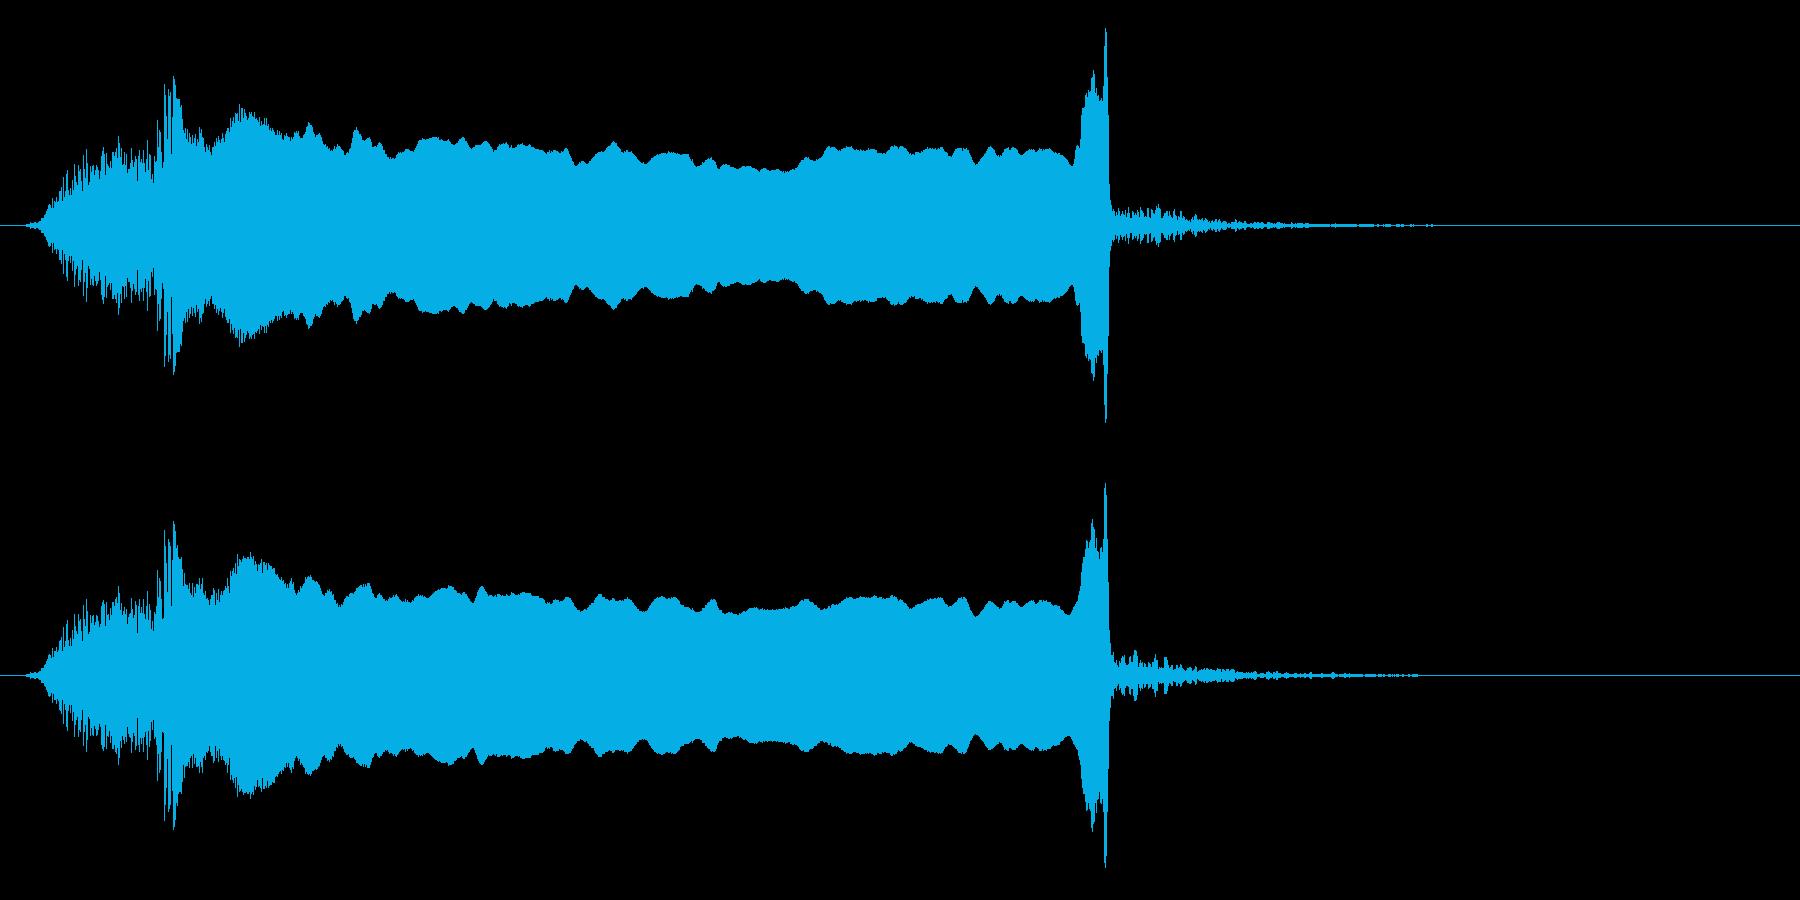 「ィヨーオーー」歌舞伎や狂言の掛け声FXの再生済みの波形